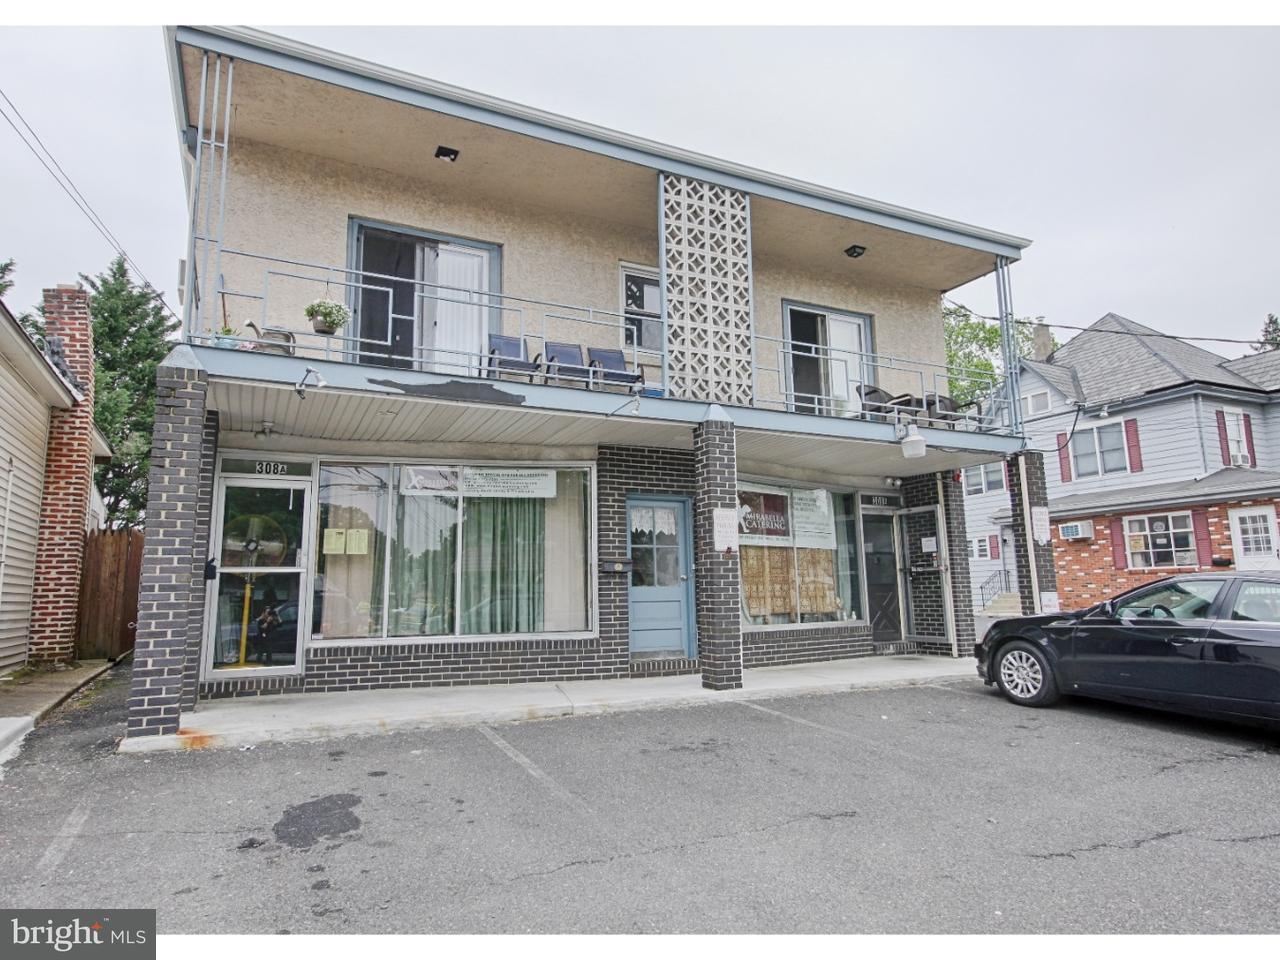 独户住宅 为 销售 在 308 W EVESHAM Avenue Magnolia, 新泽西州 08049 美国